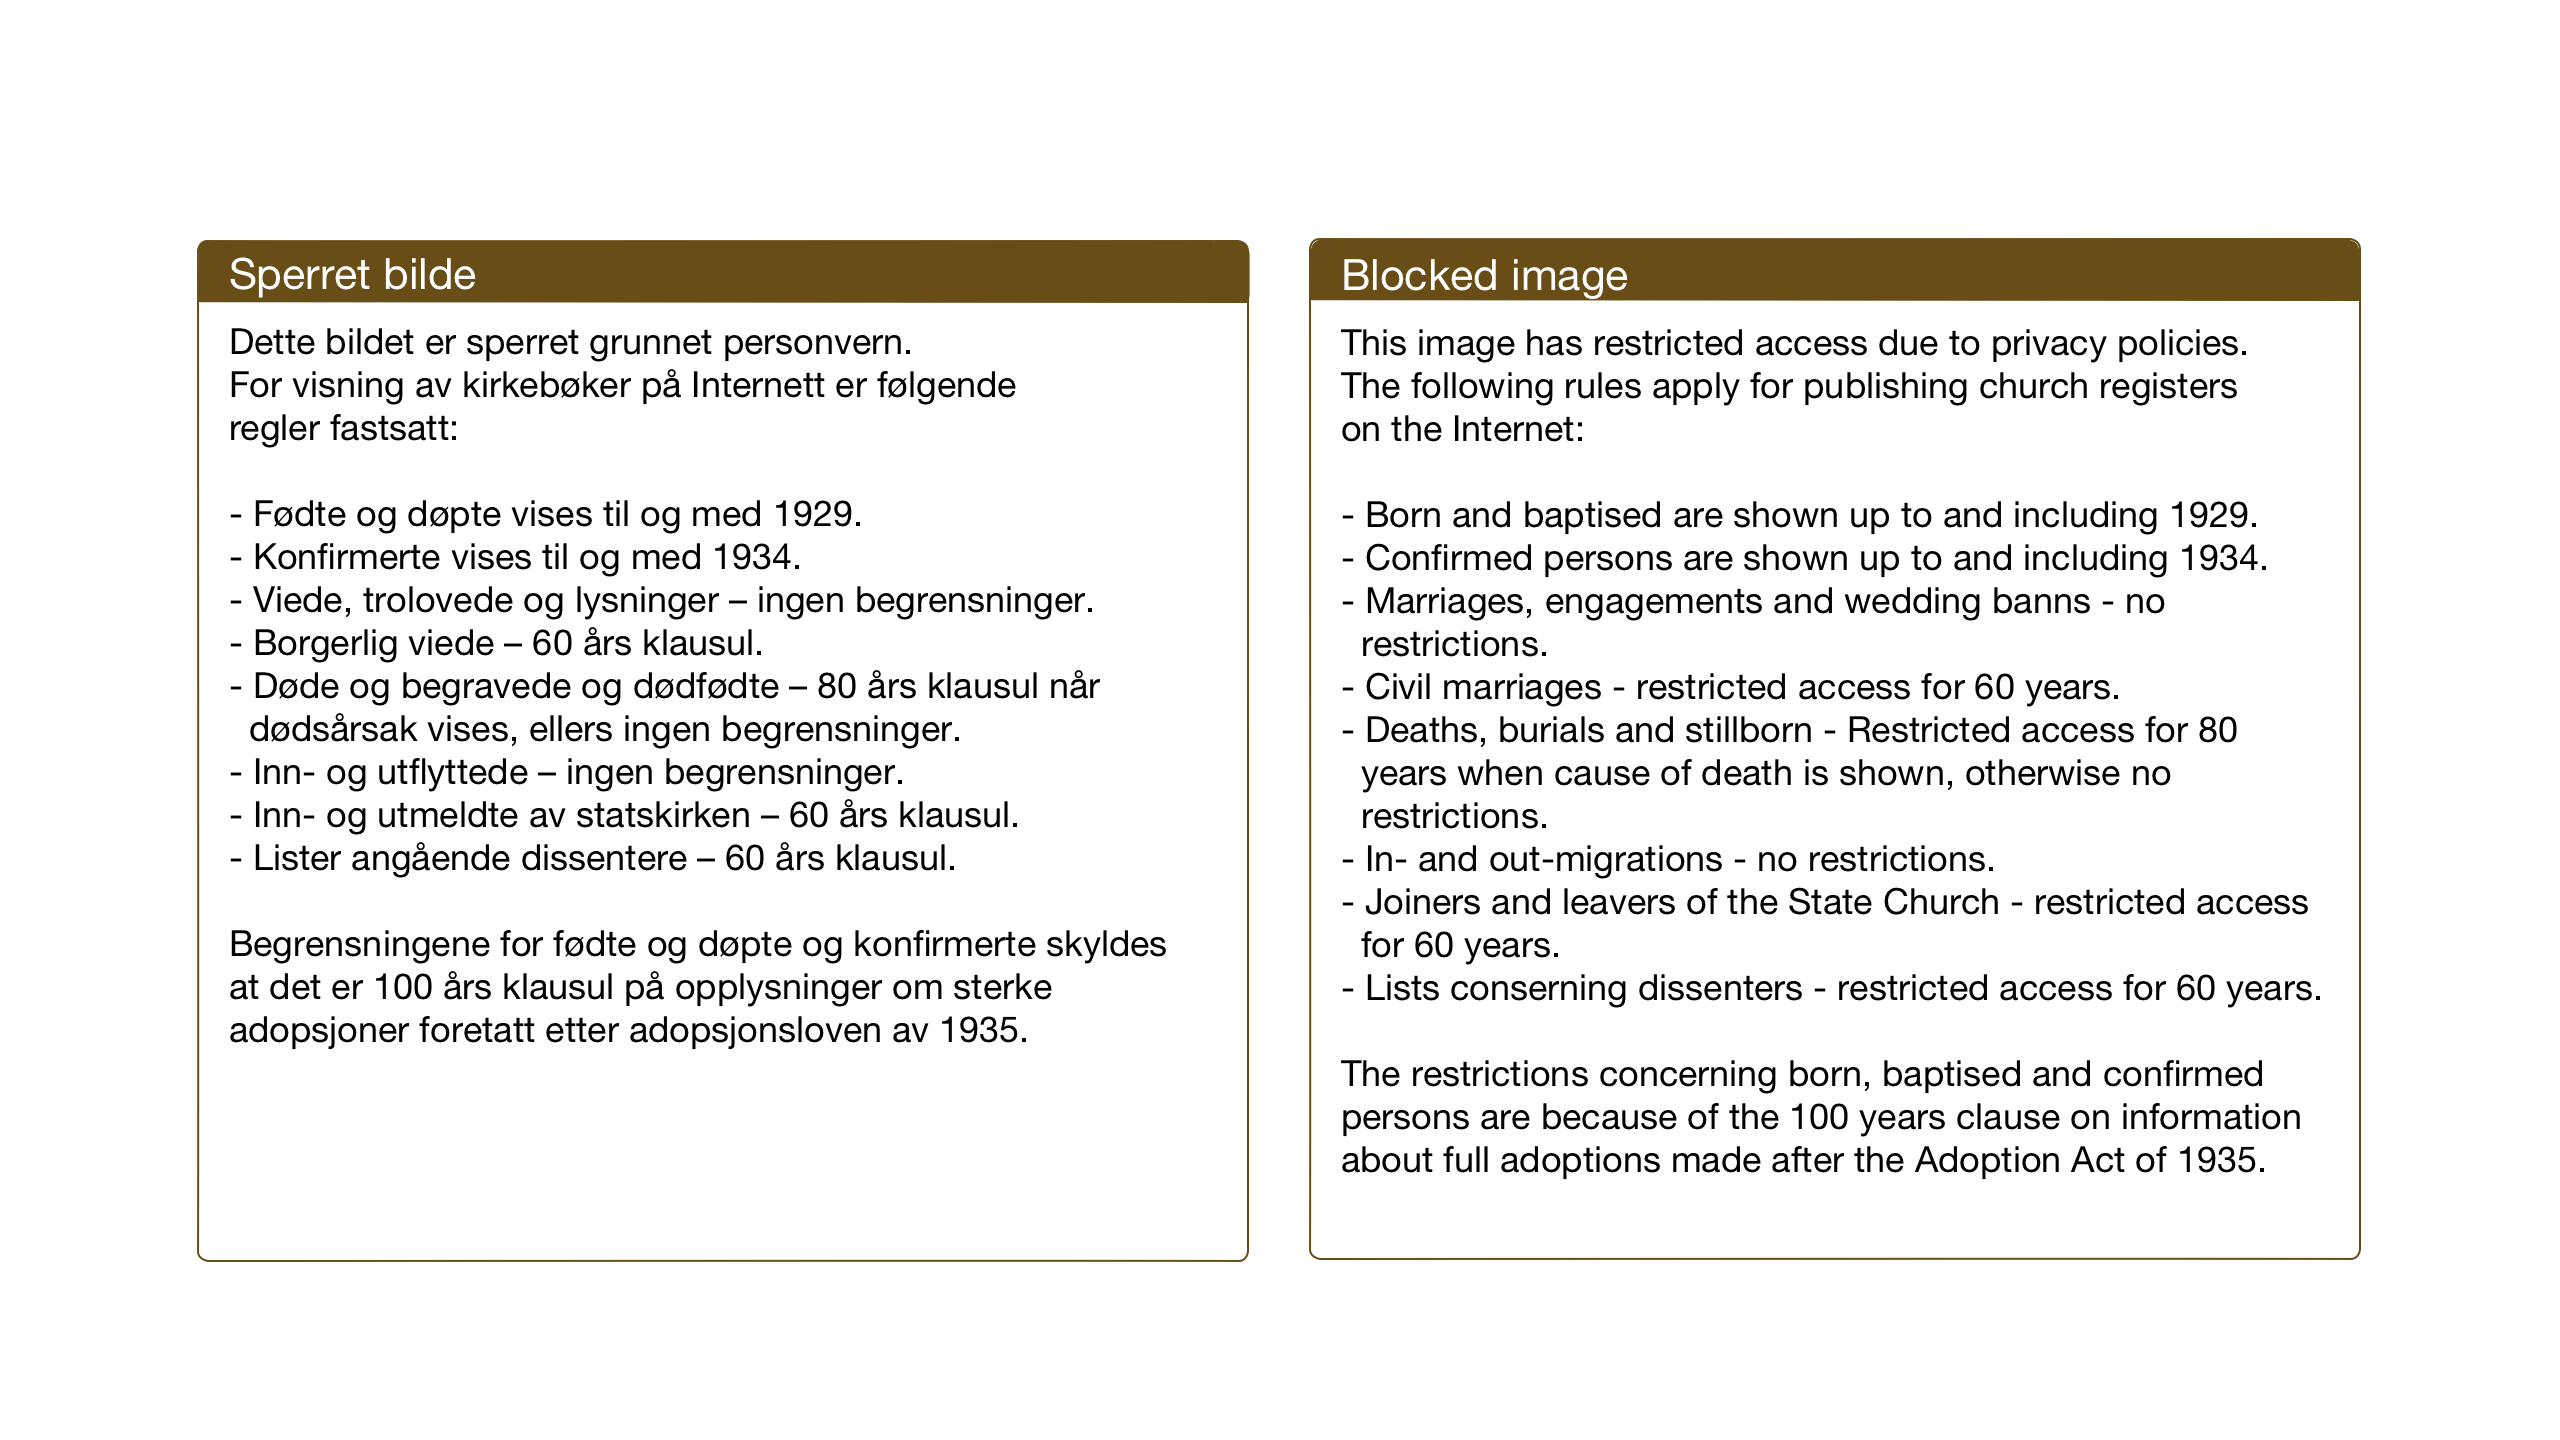 SAT, Ministerialprotokoller, klokkerbøker og fødselsregistre - Sør-Trøndelag, 633/L0521: Klokkerbok nr. 633C03, 1921-1941, s. 102